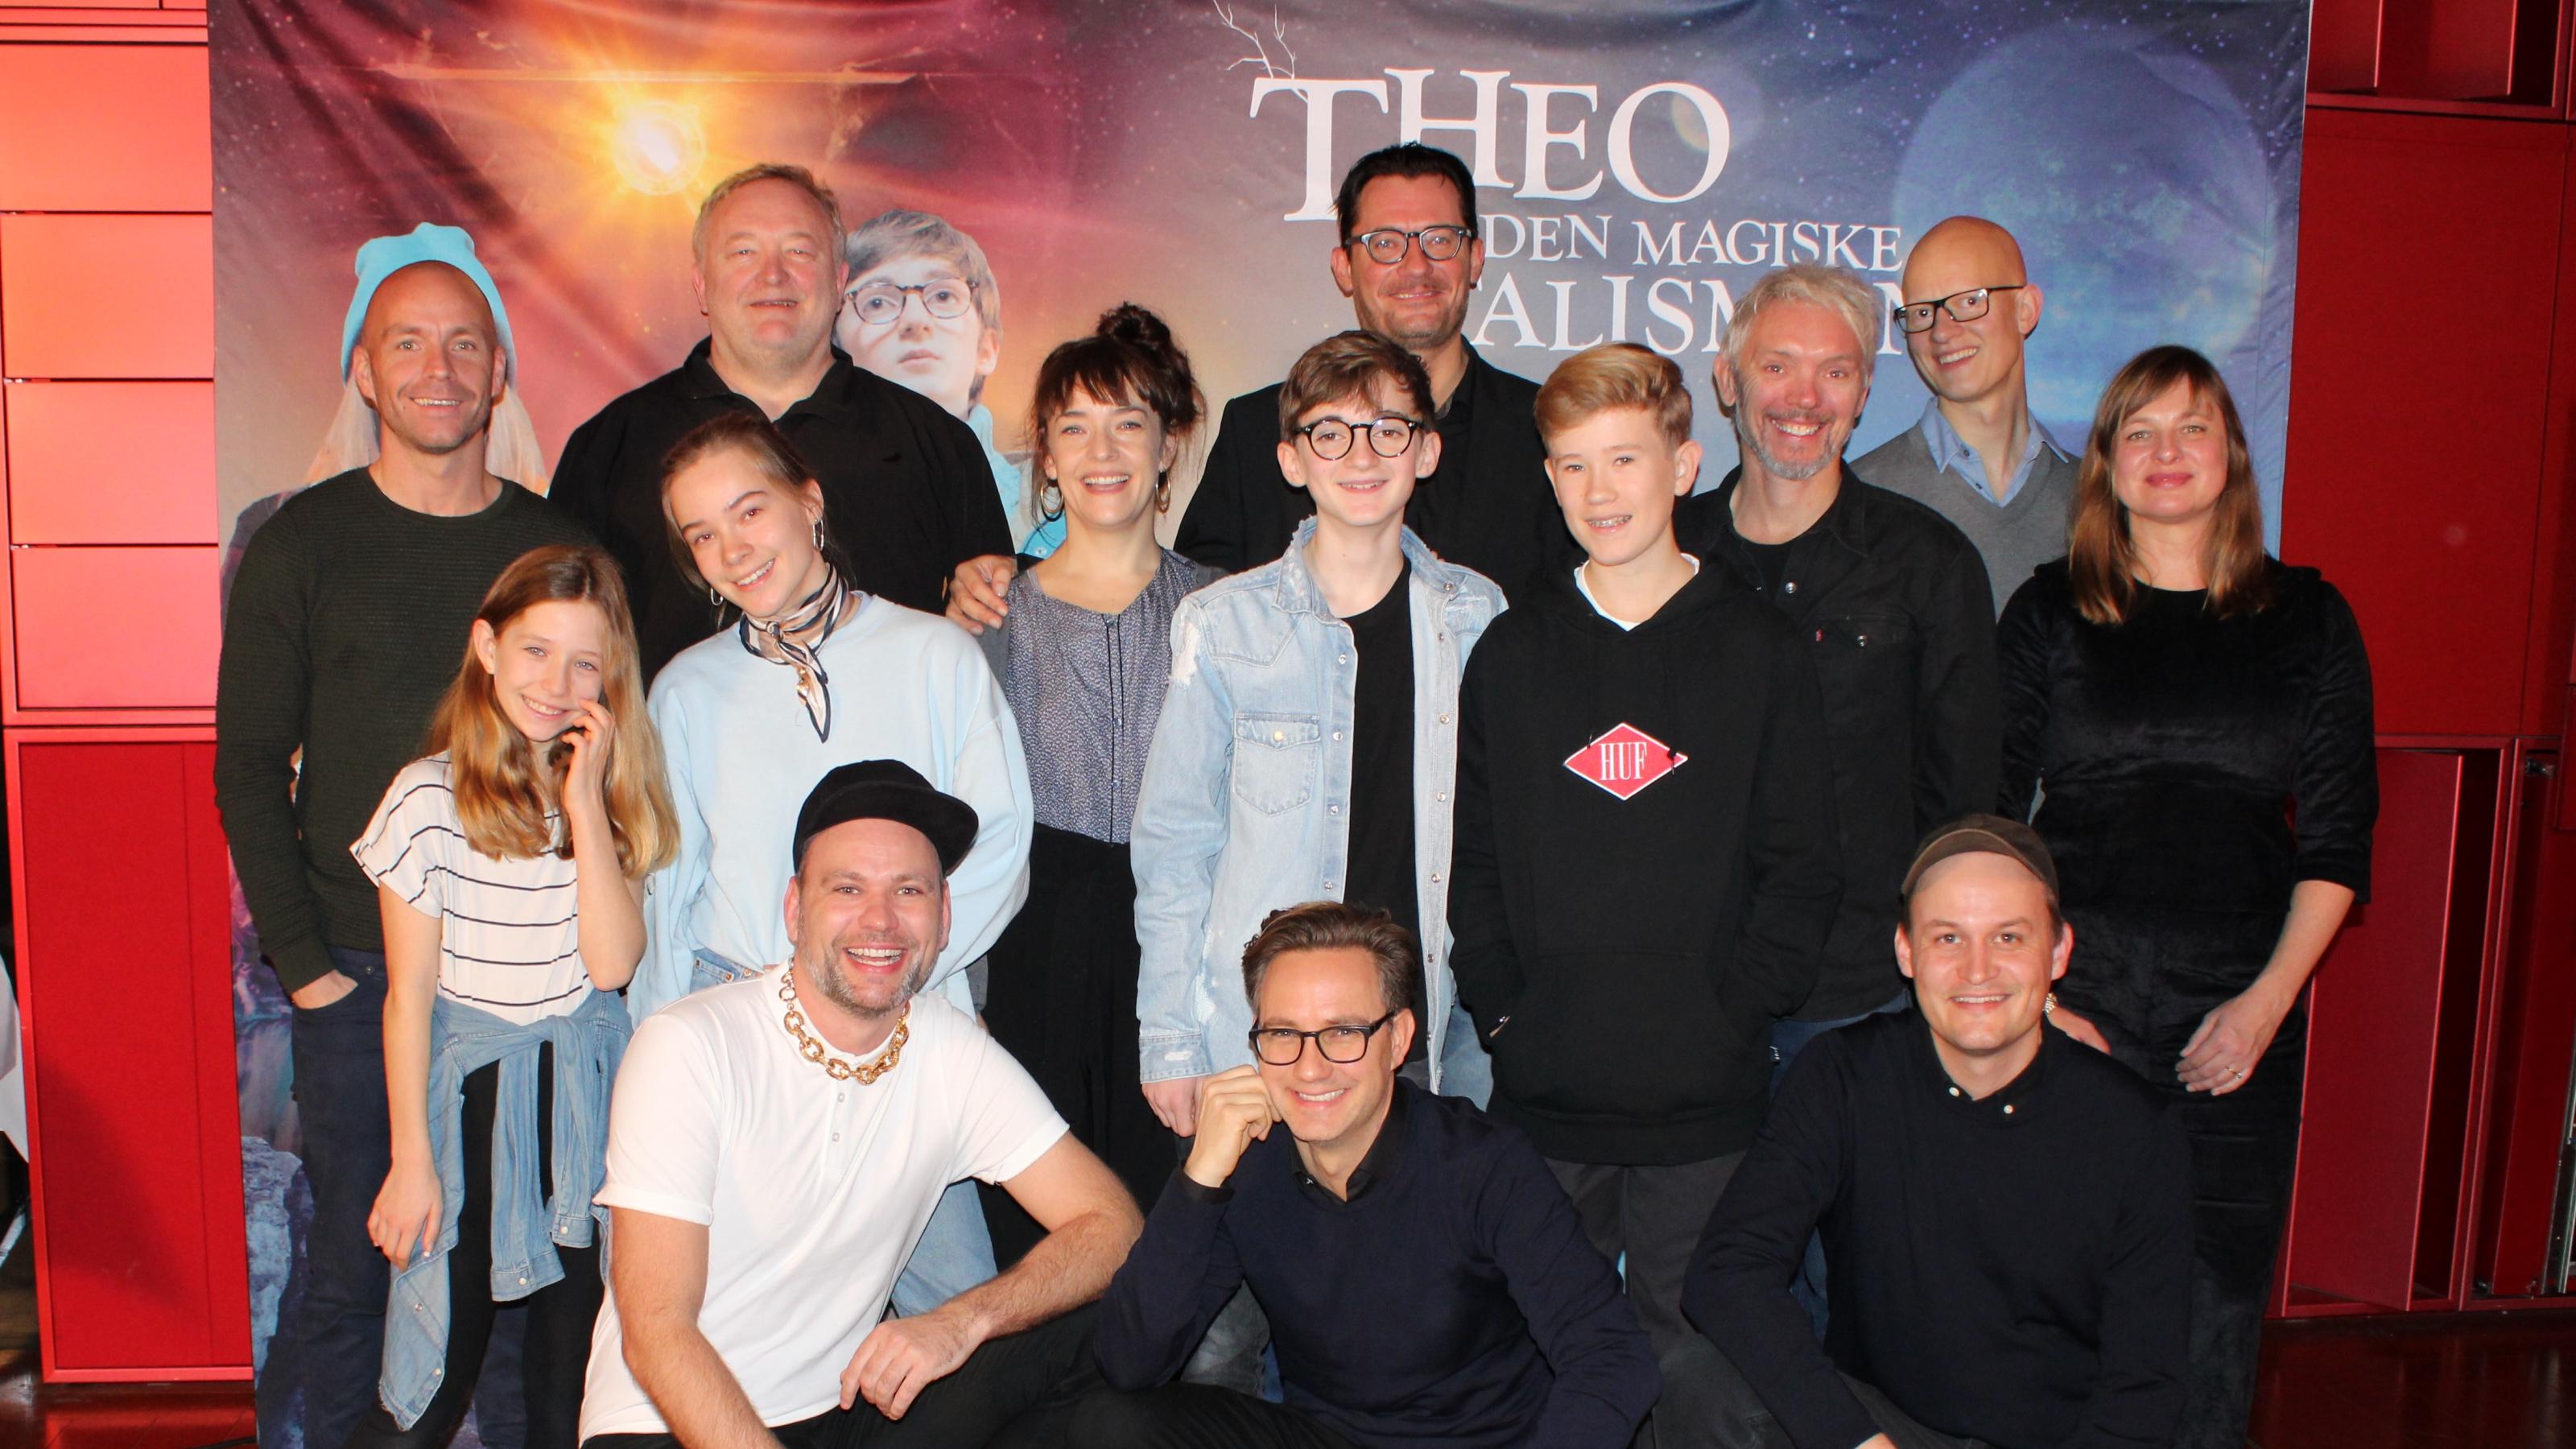 Theo og Den Magiske Talisman Pressemoede 03